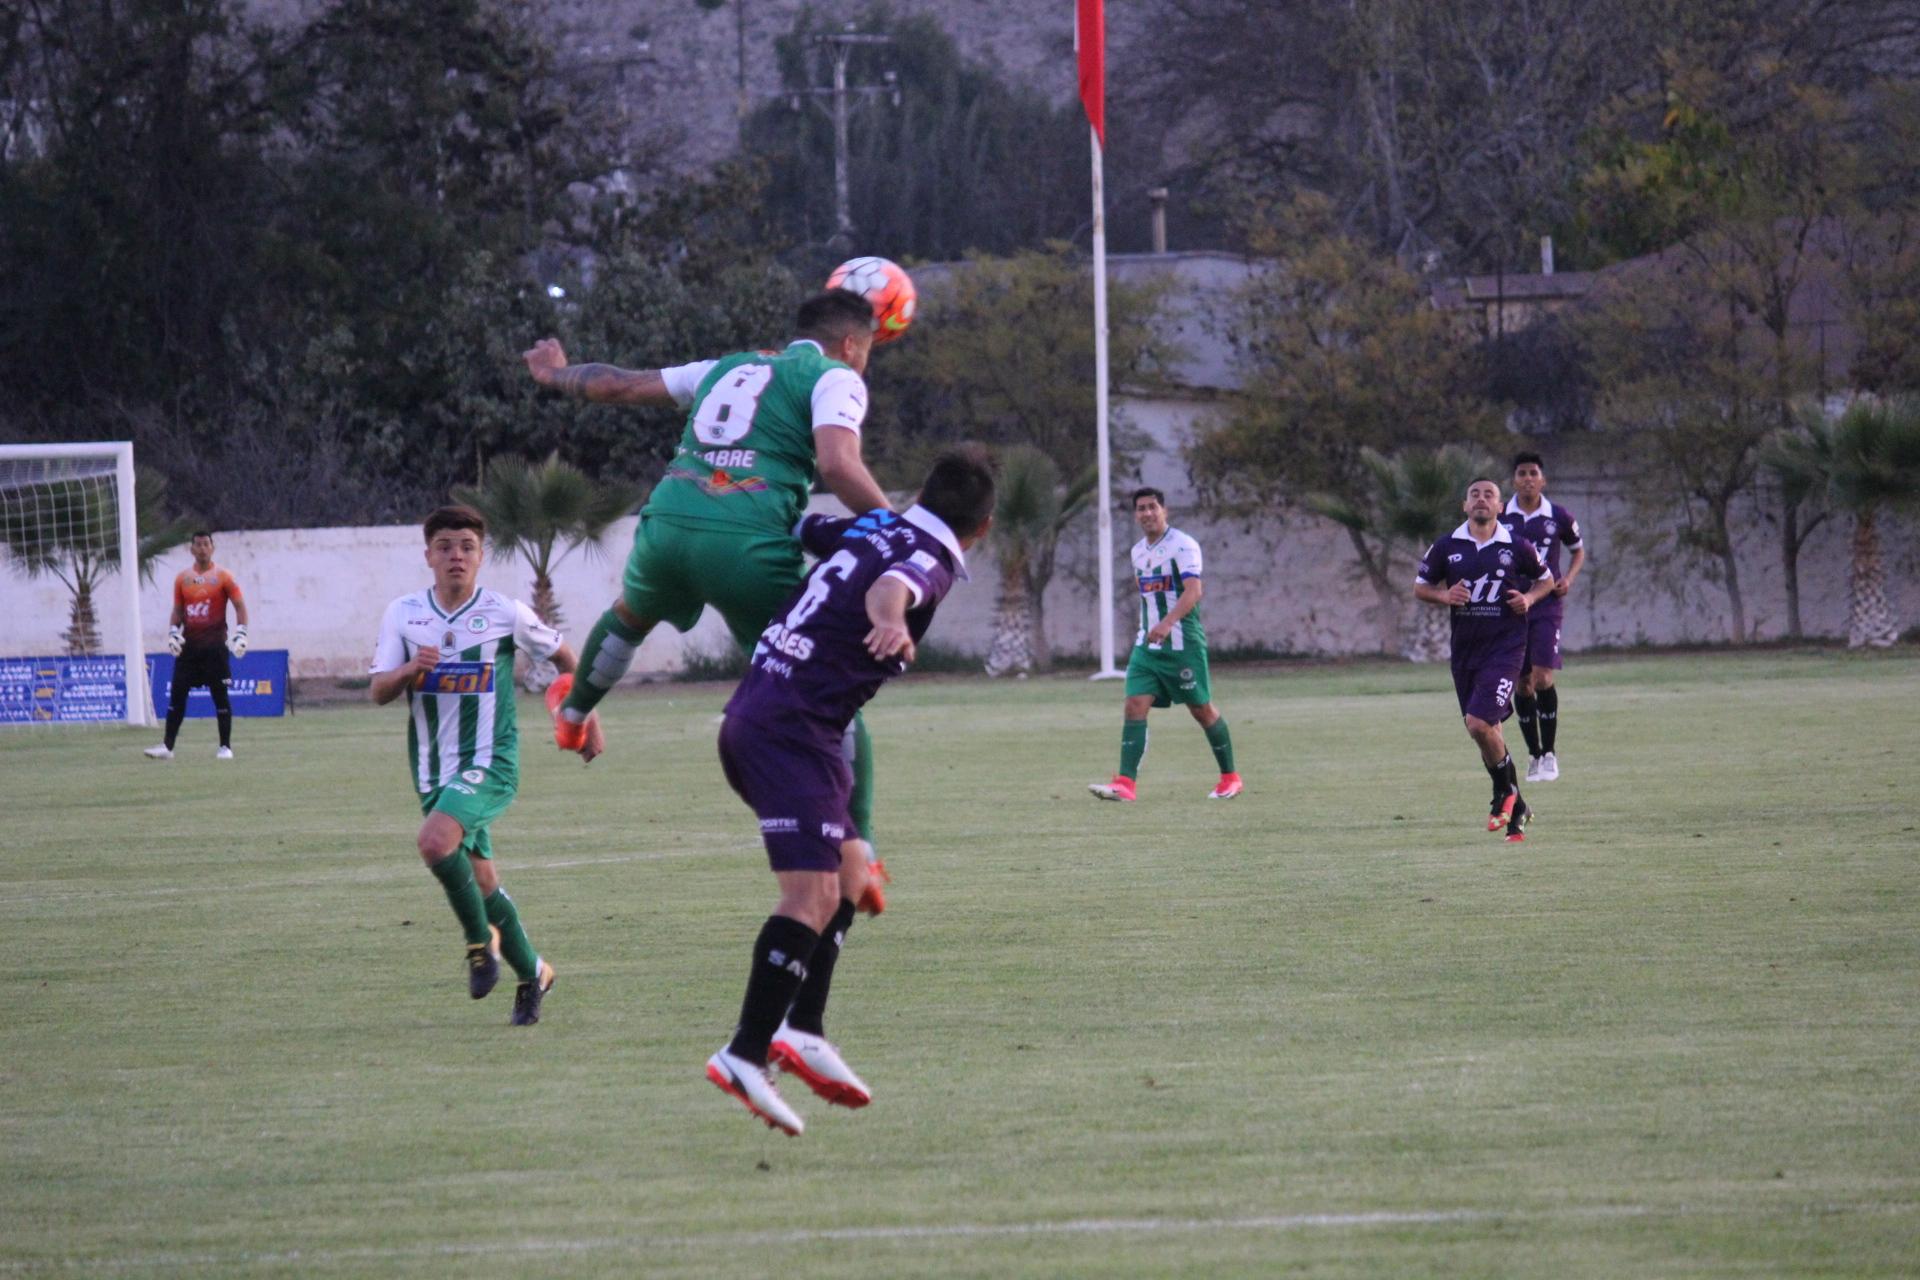 Deportes Vallenar sigue puntero: empató con San Antonio Unido de visita